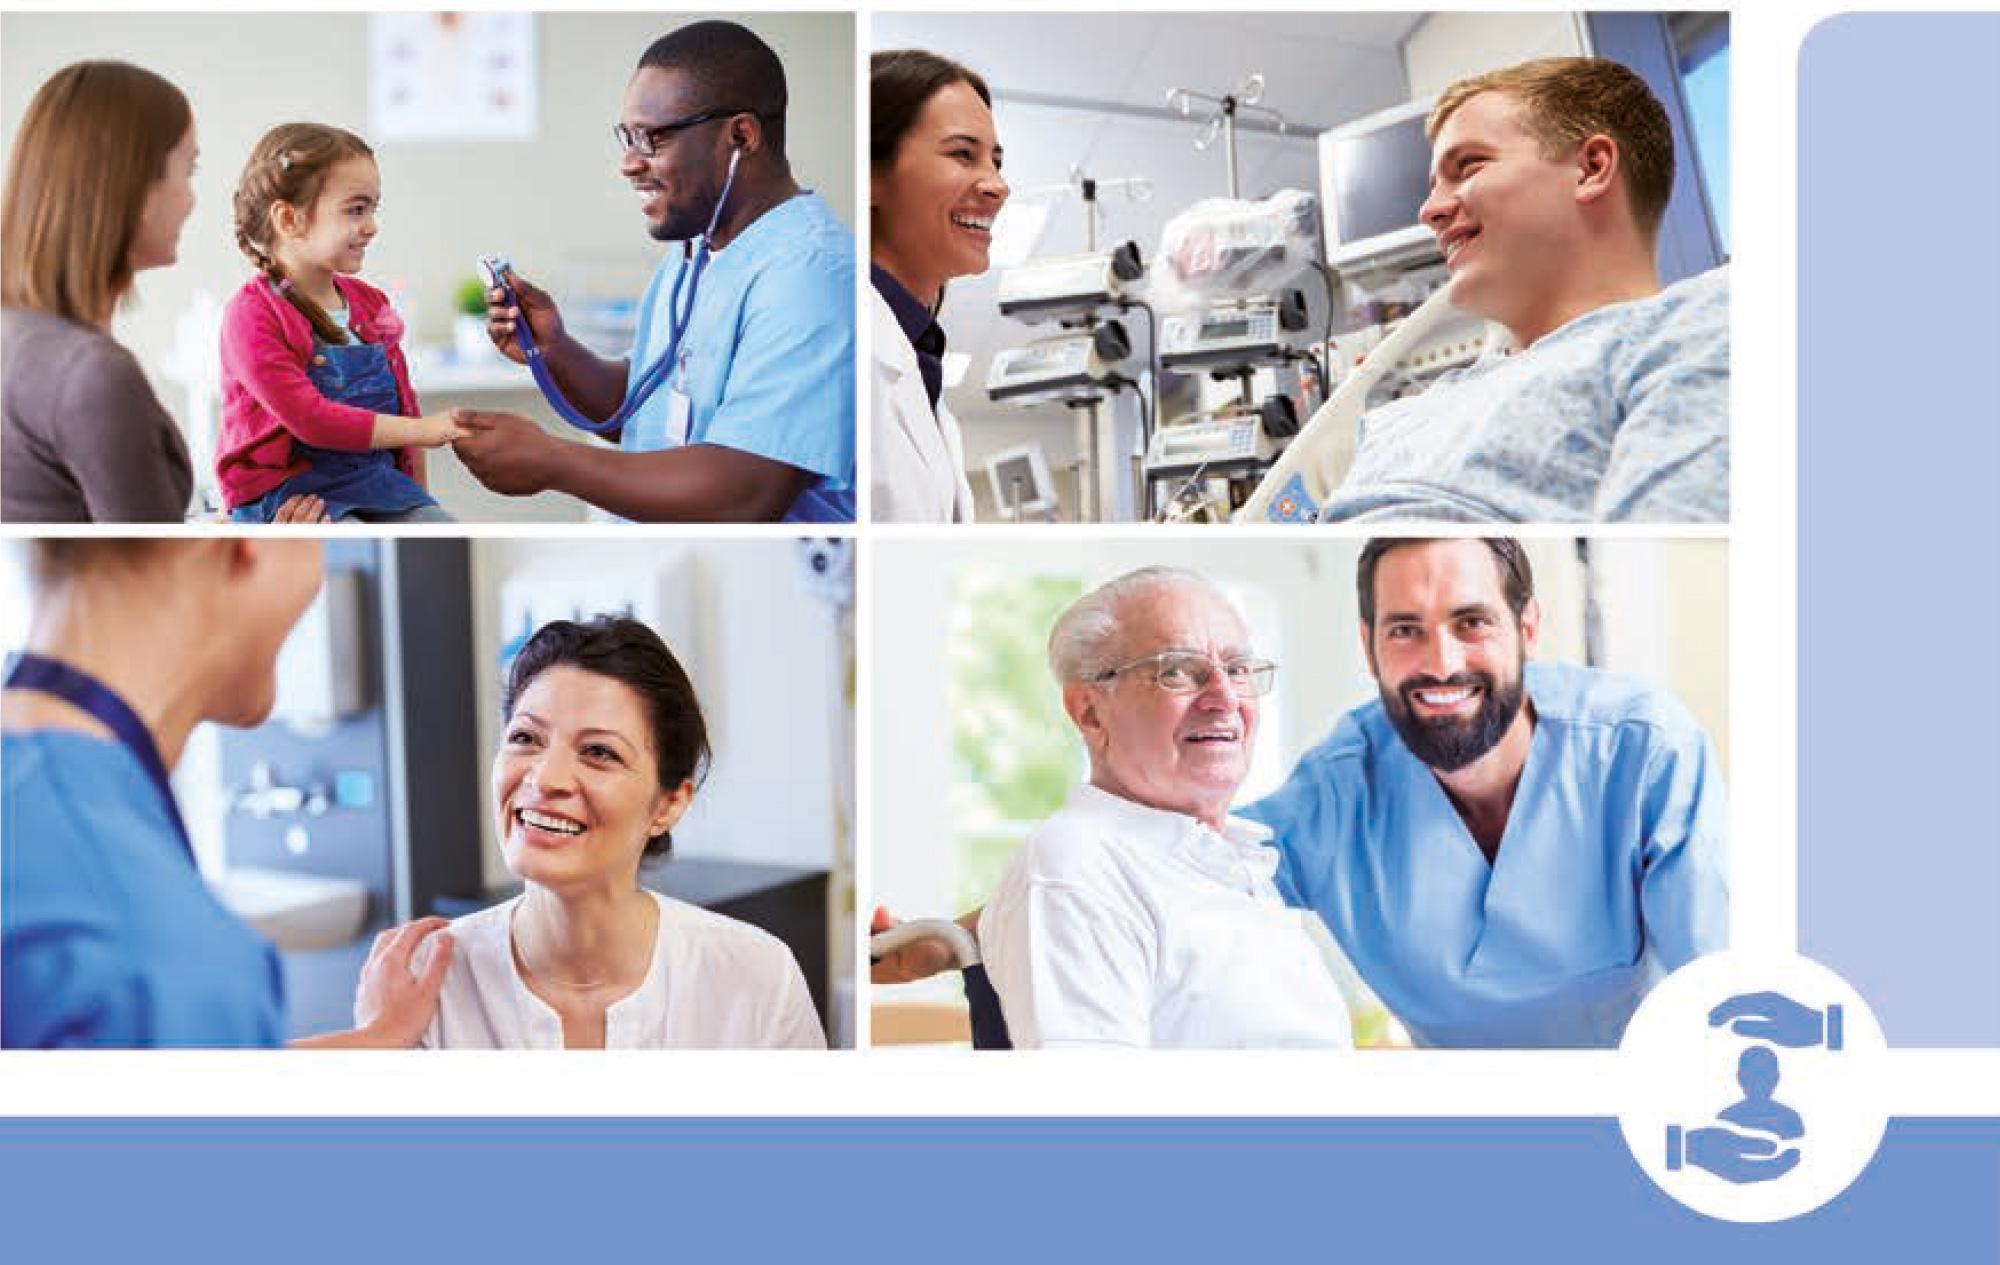 Sicher im Krankenhaus: Uniklinikum Bonn führt Ratgeber für Patienten ein